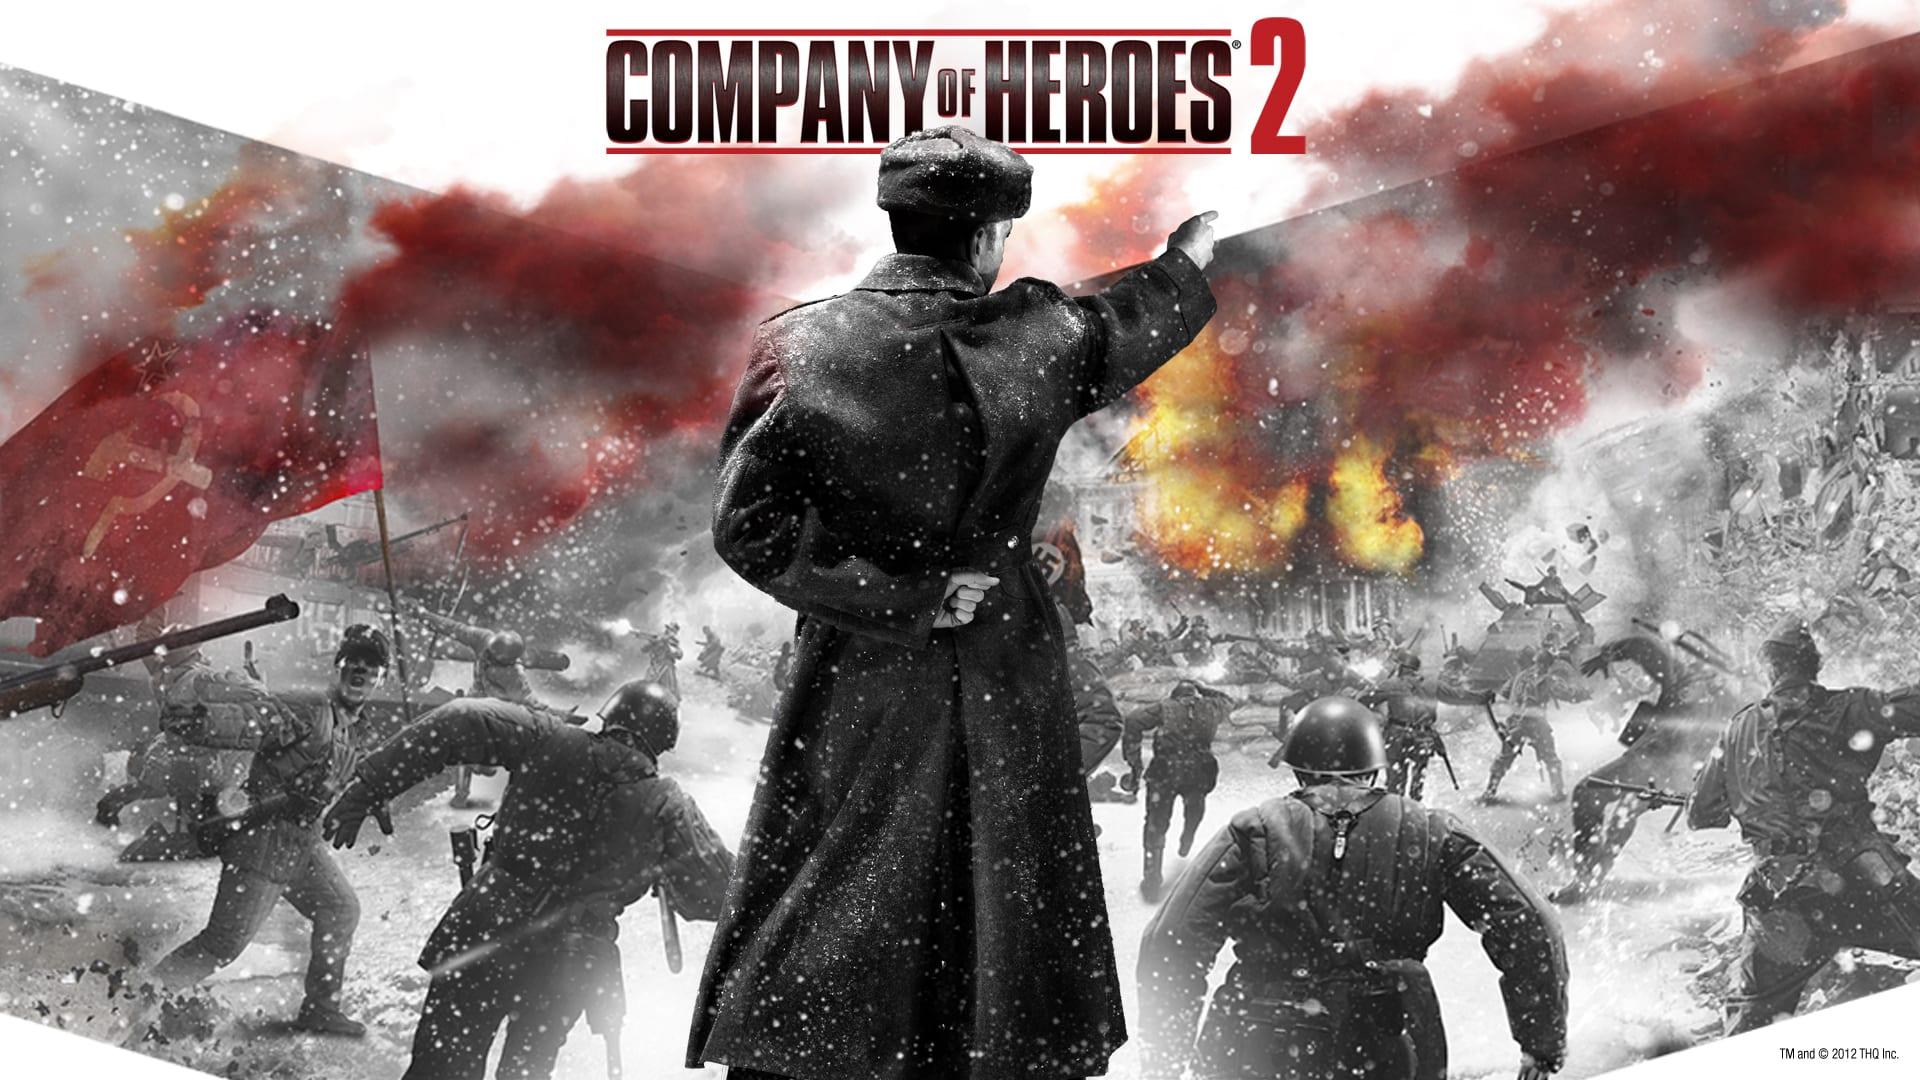 Company of Heroes 2 telecharger gratuit de PC et Torrent